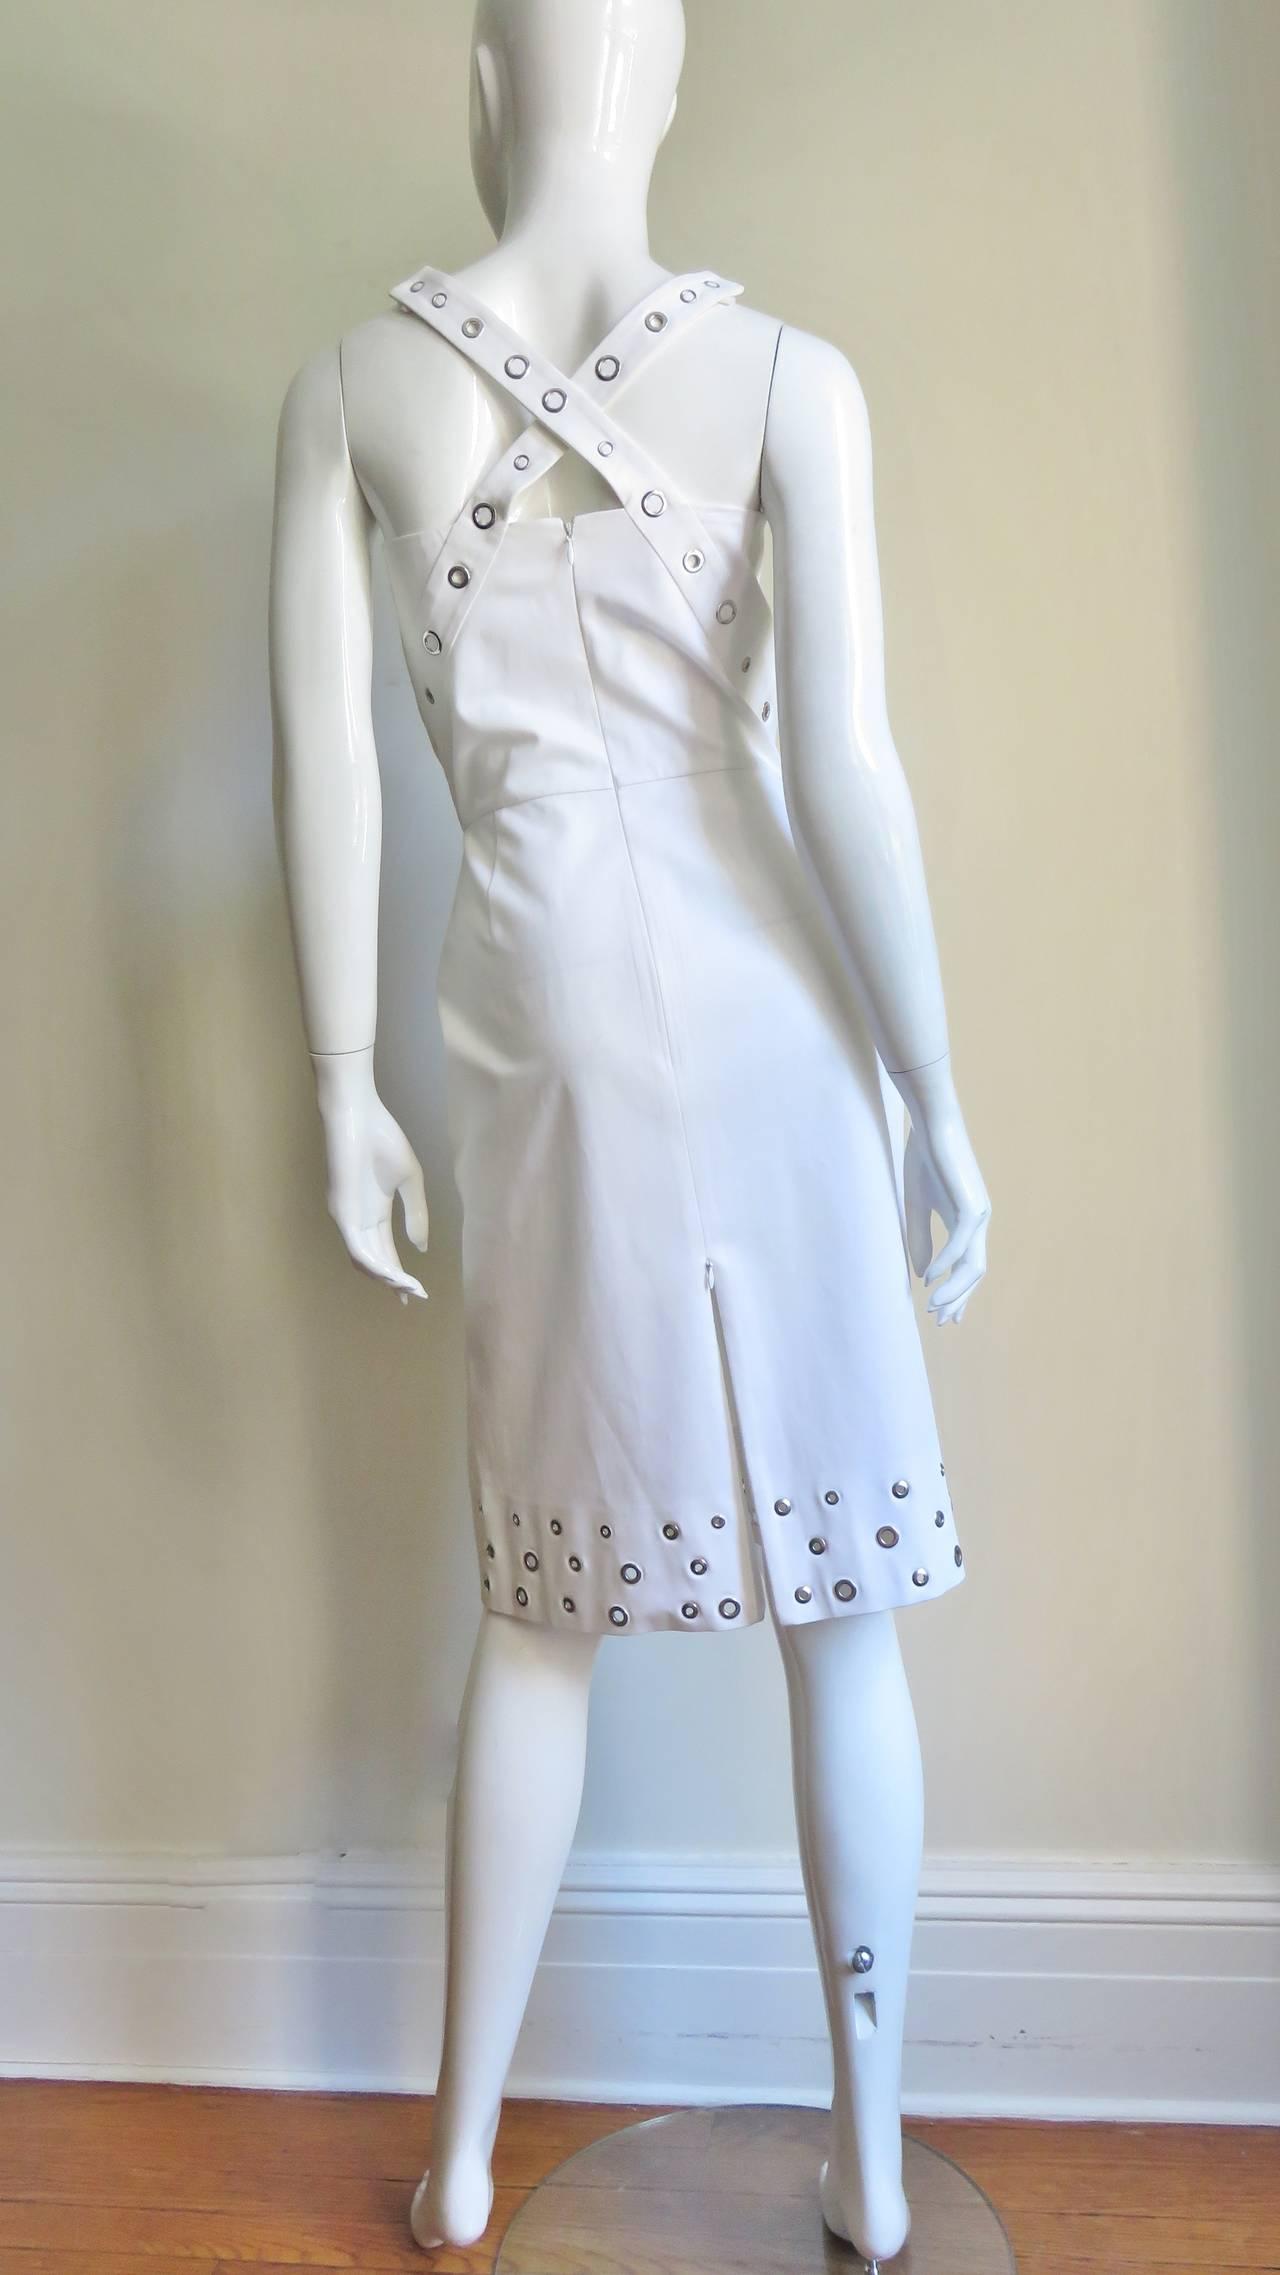 Jean Paul Gaultier Cross Back Dress With Grommets For Sale 4